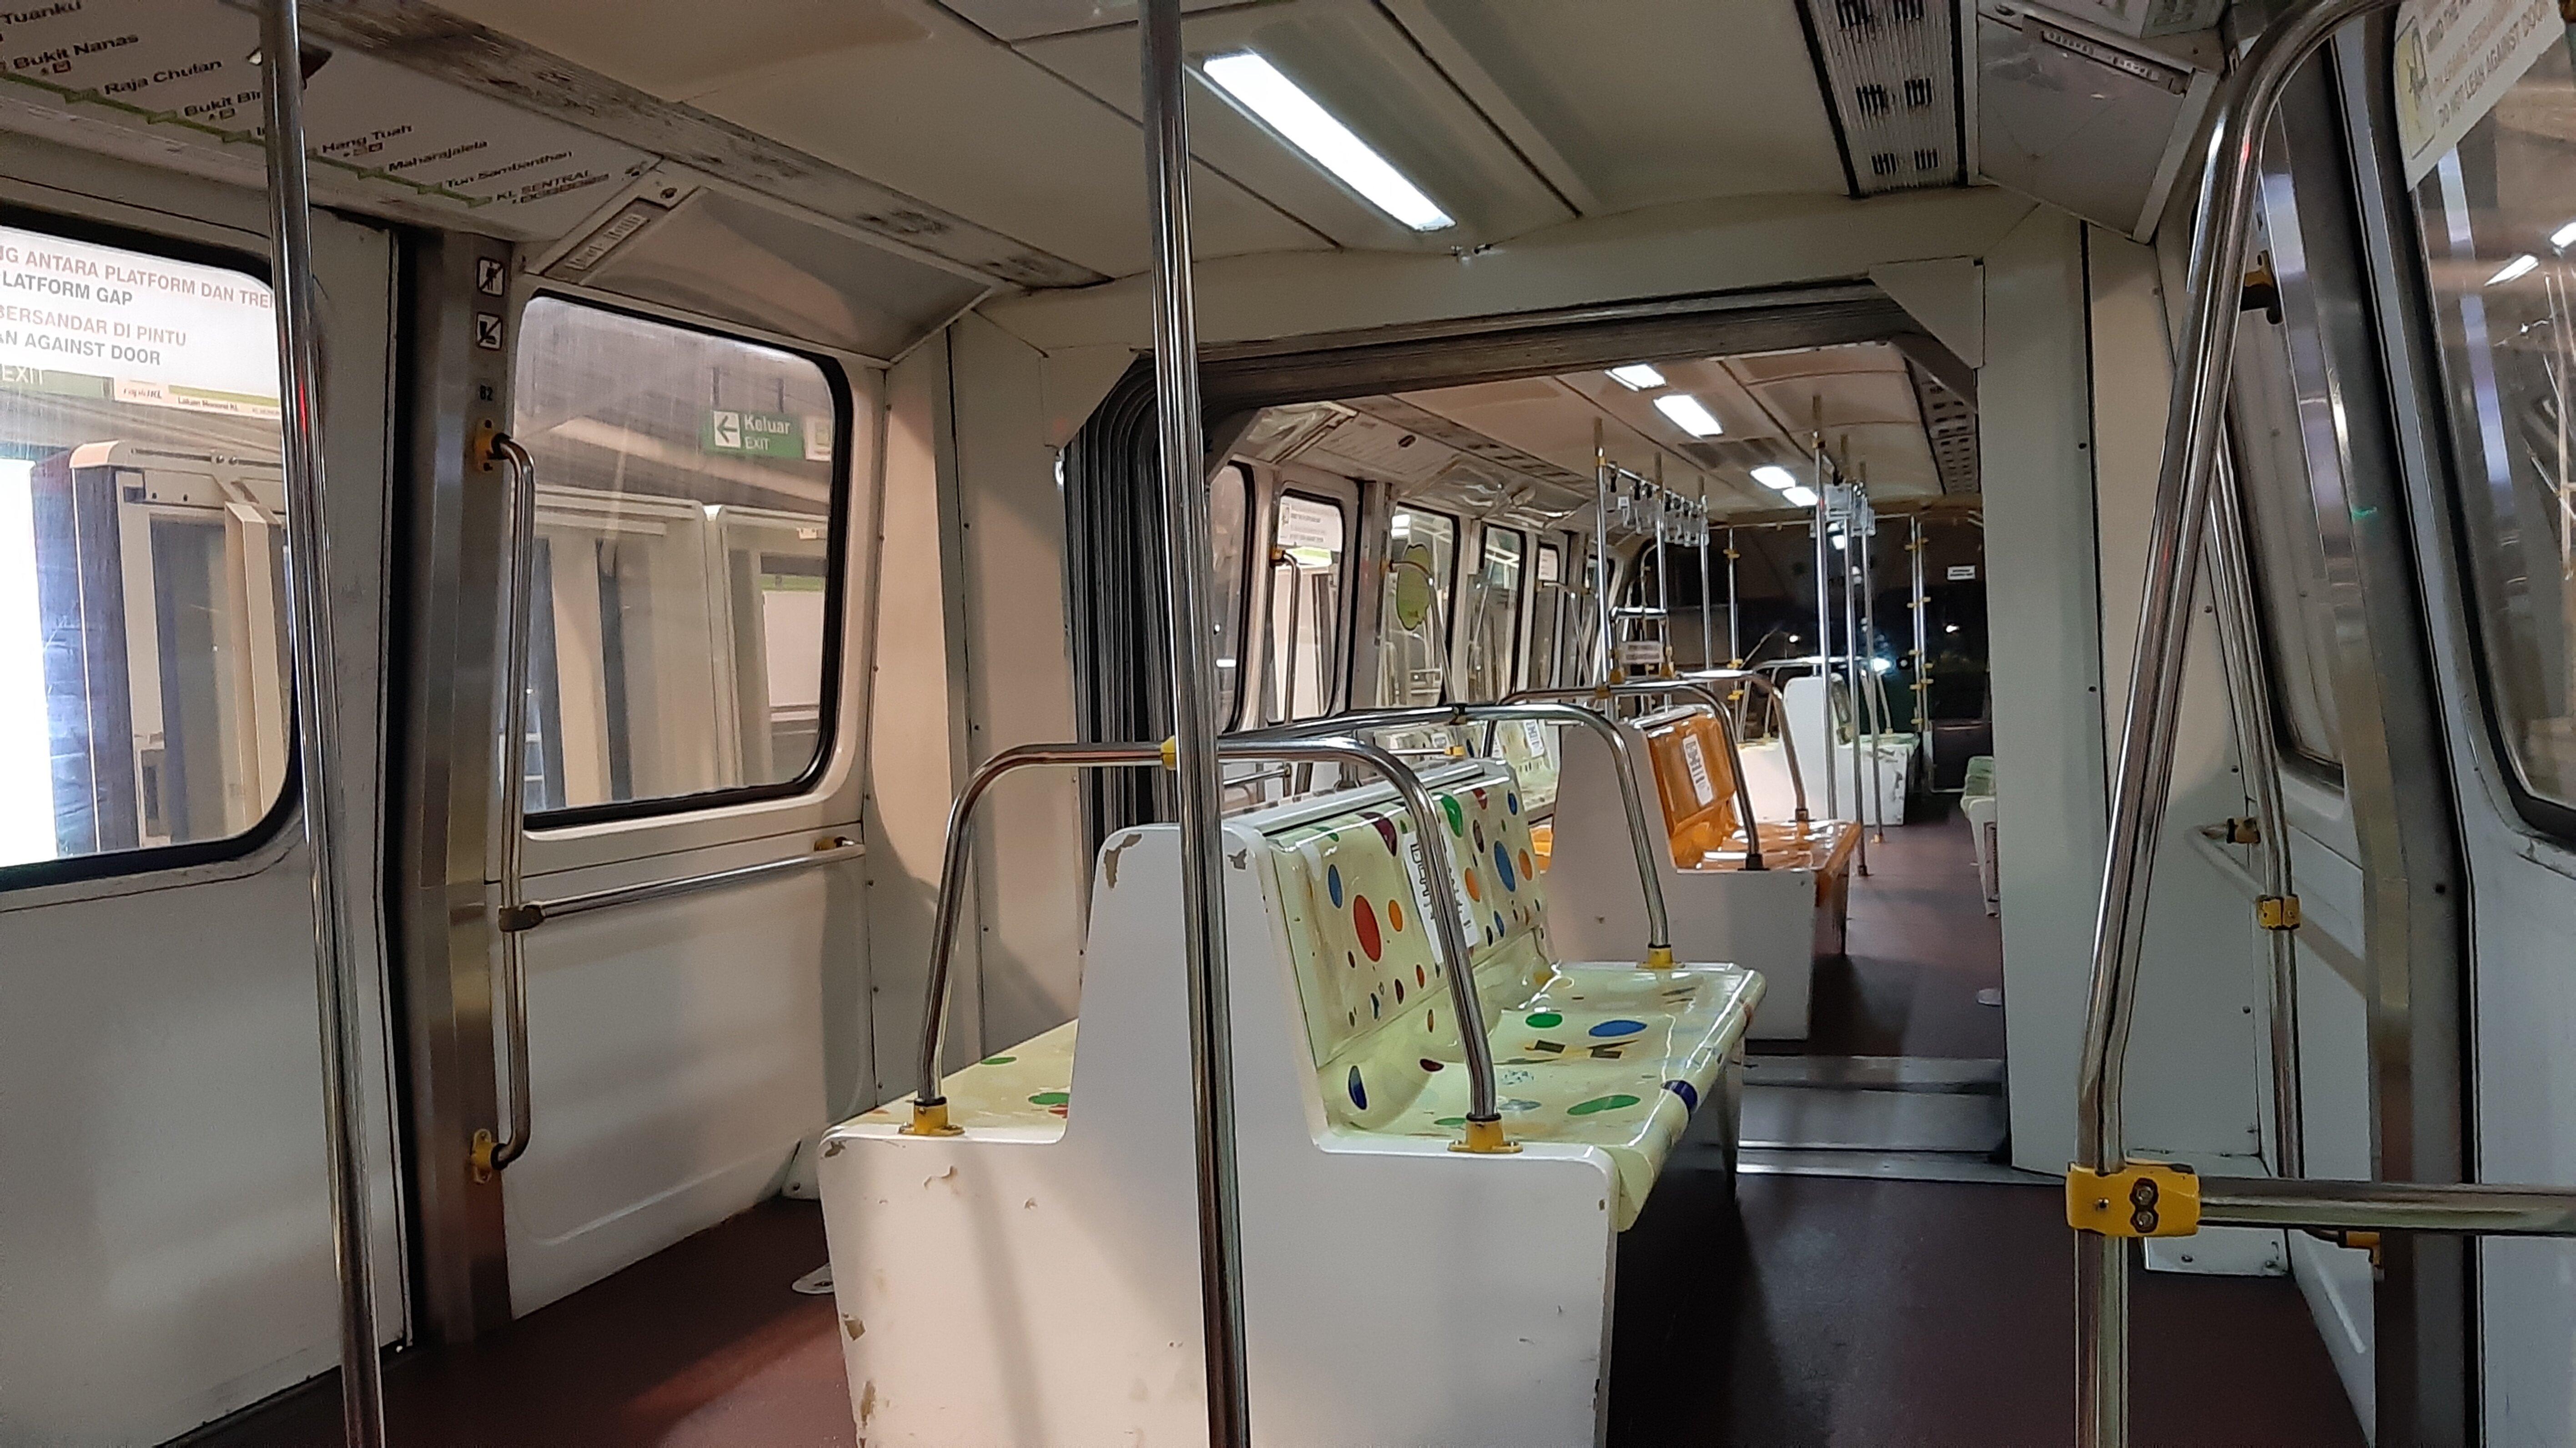 Deserted Kuala Lumpur Monorail during Coronavirus Lockdown.